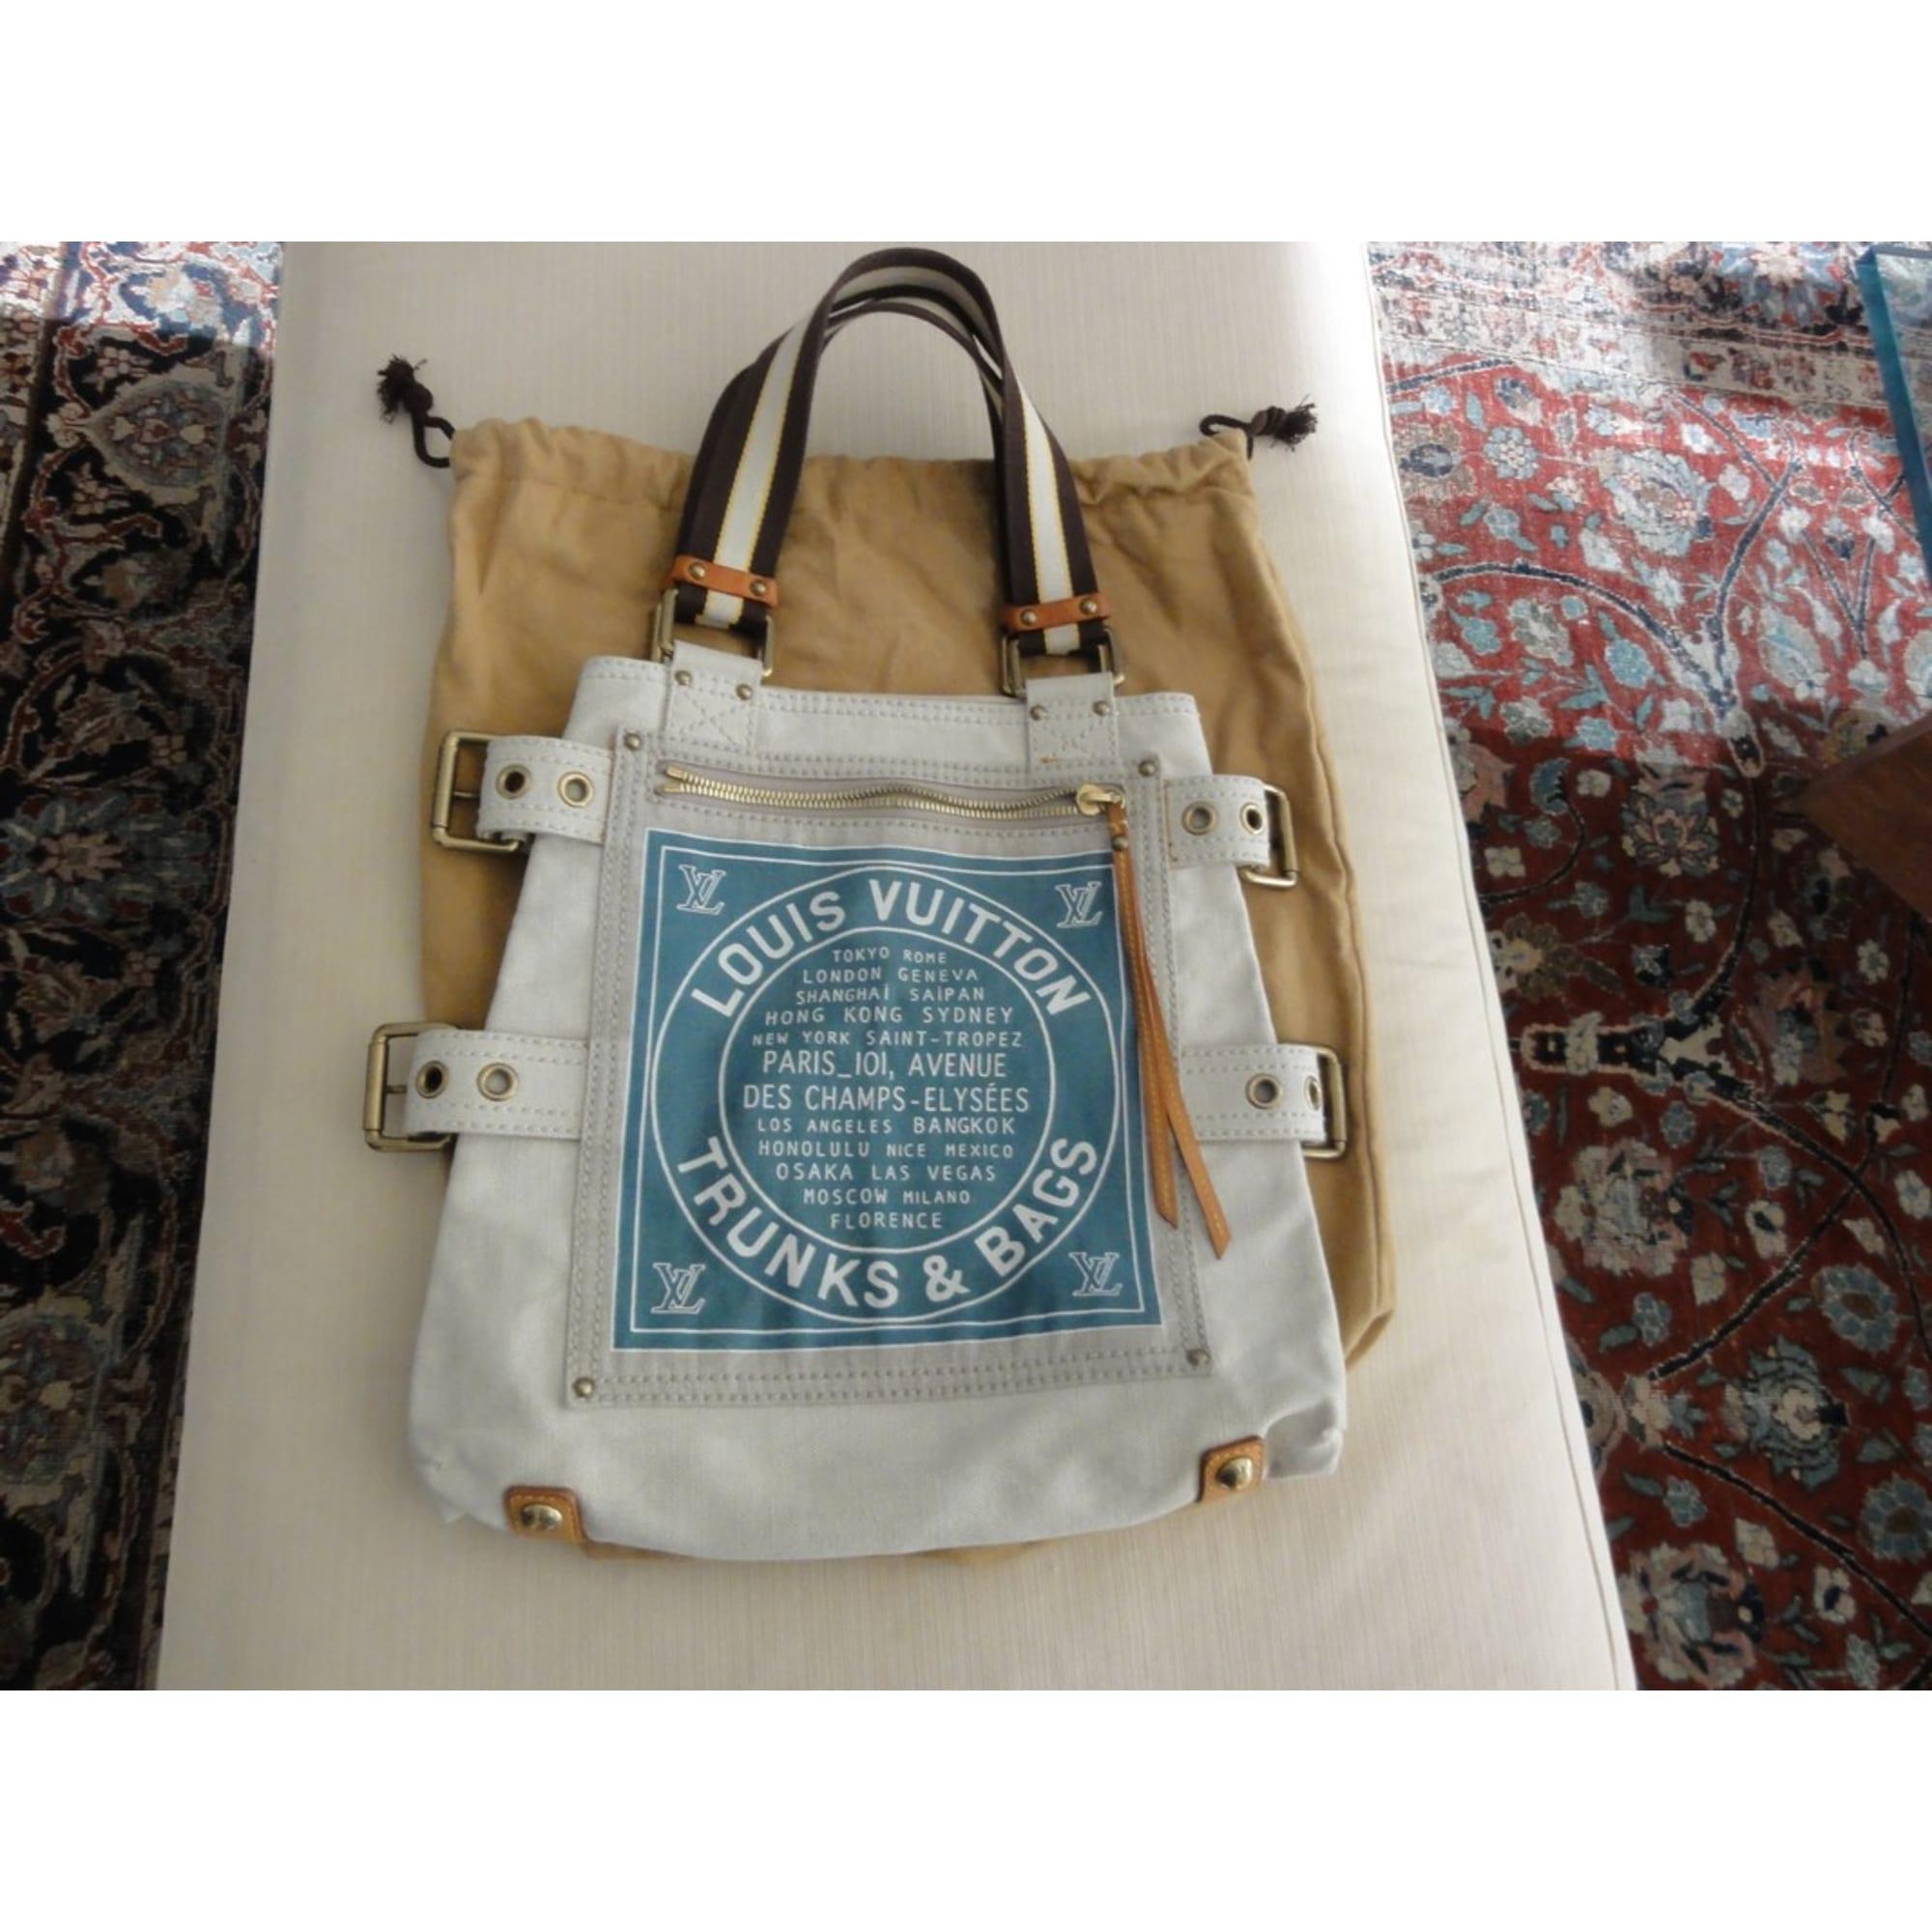 6b16c4e23986 Sac à main en tissu LOUIS VUITTON blanc vendu par The boutique of ...